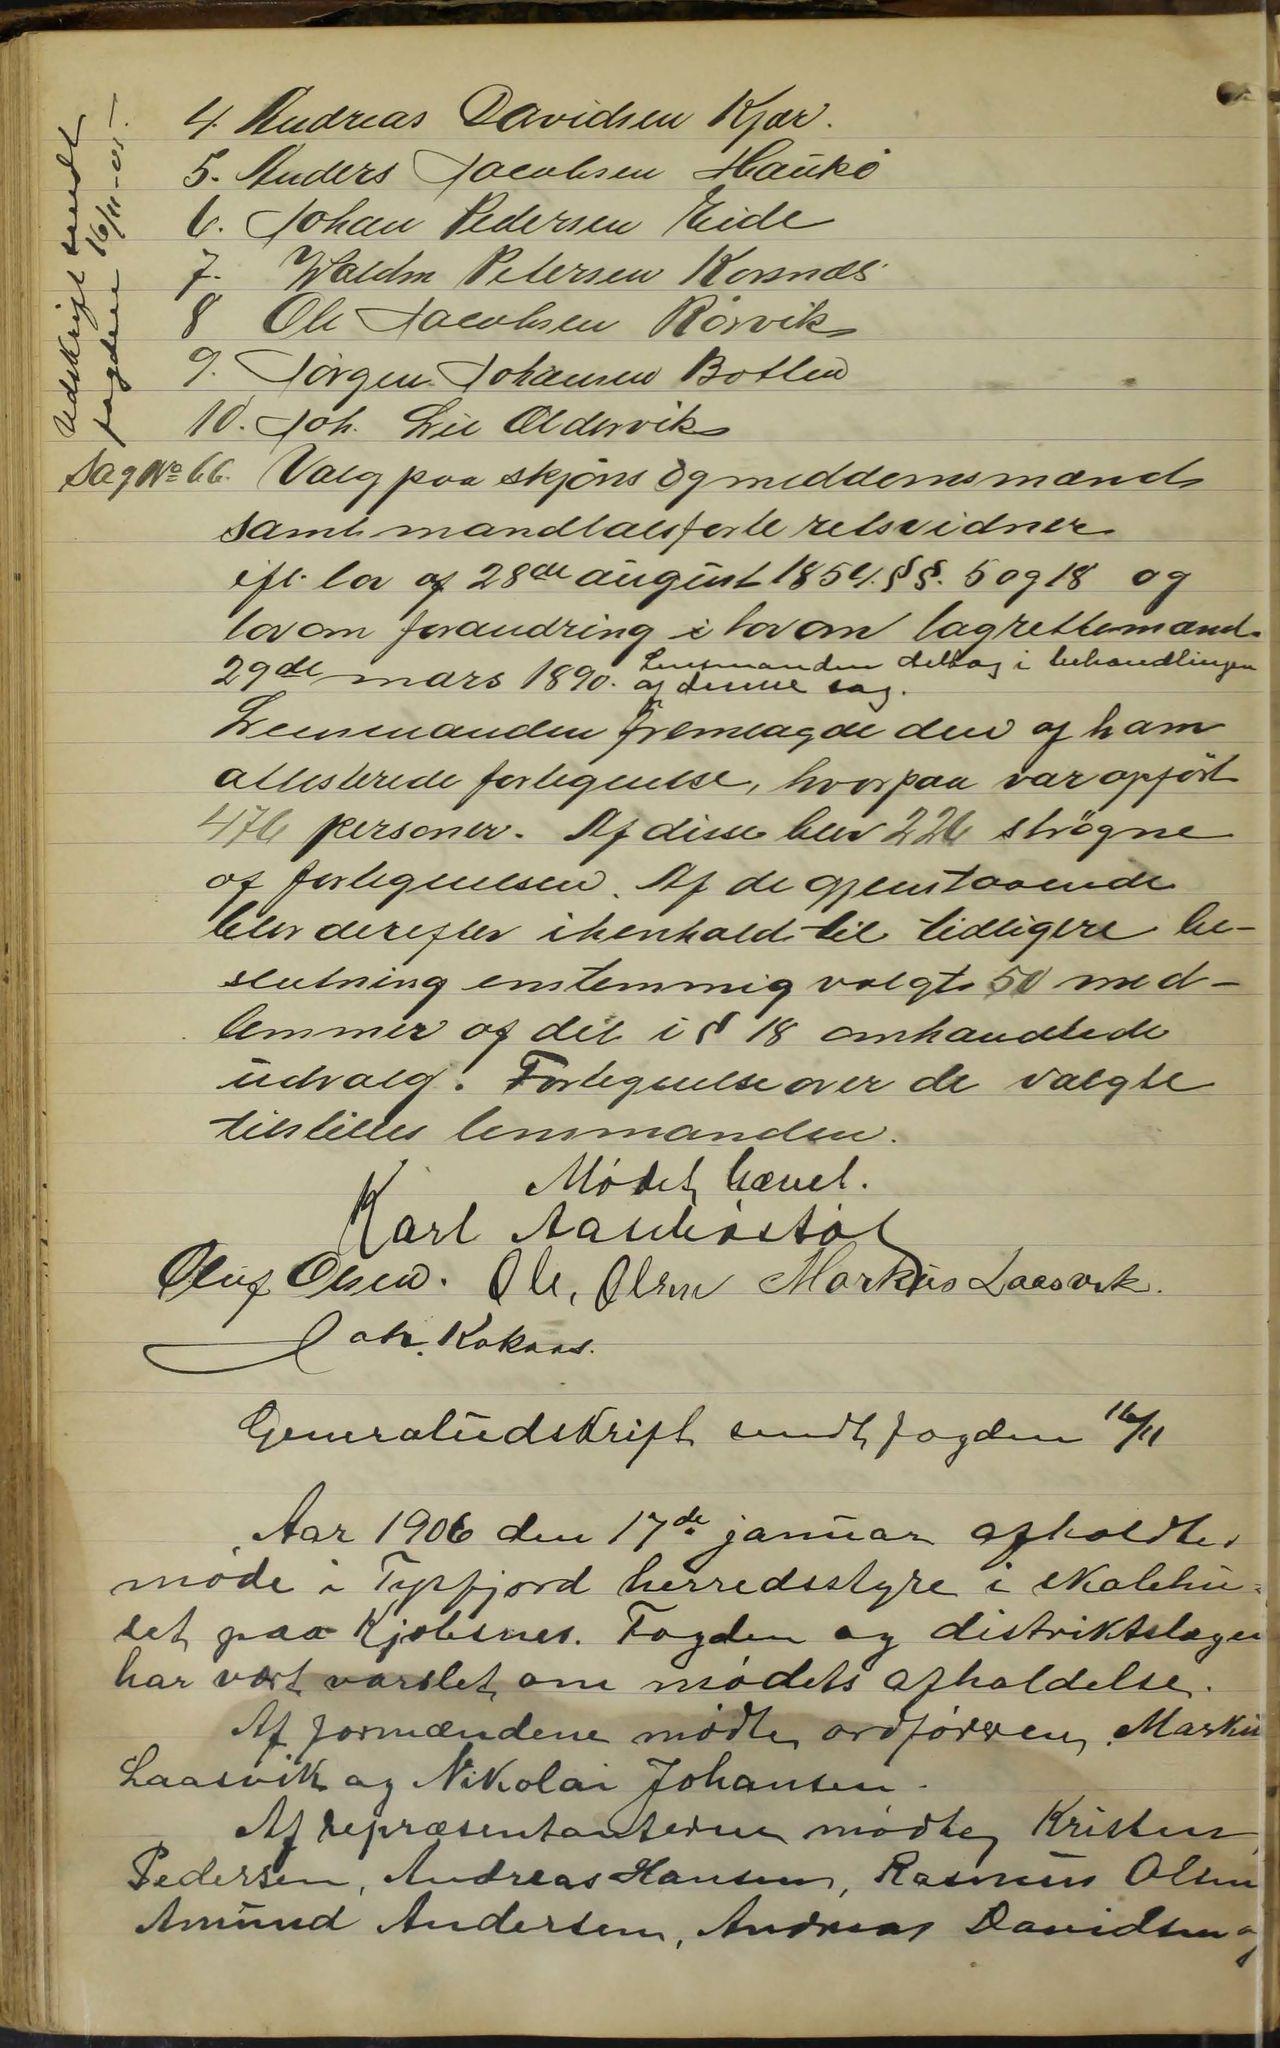 AIN, Tysfjord kommune. Formannskapet, 100/L0002: Forhandlingsprotokoll for Tysfjordens formandskap, 1895-1912, s. 145b